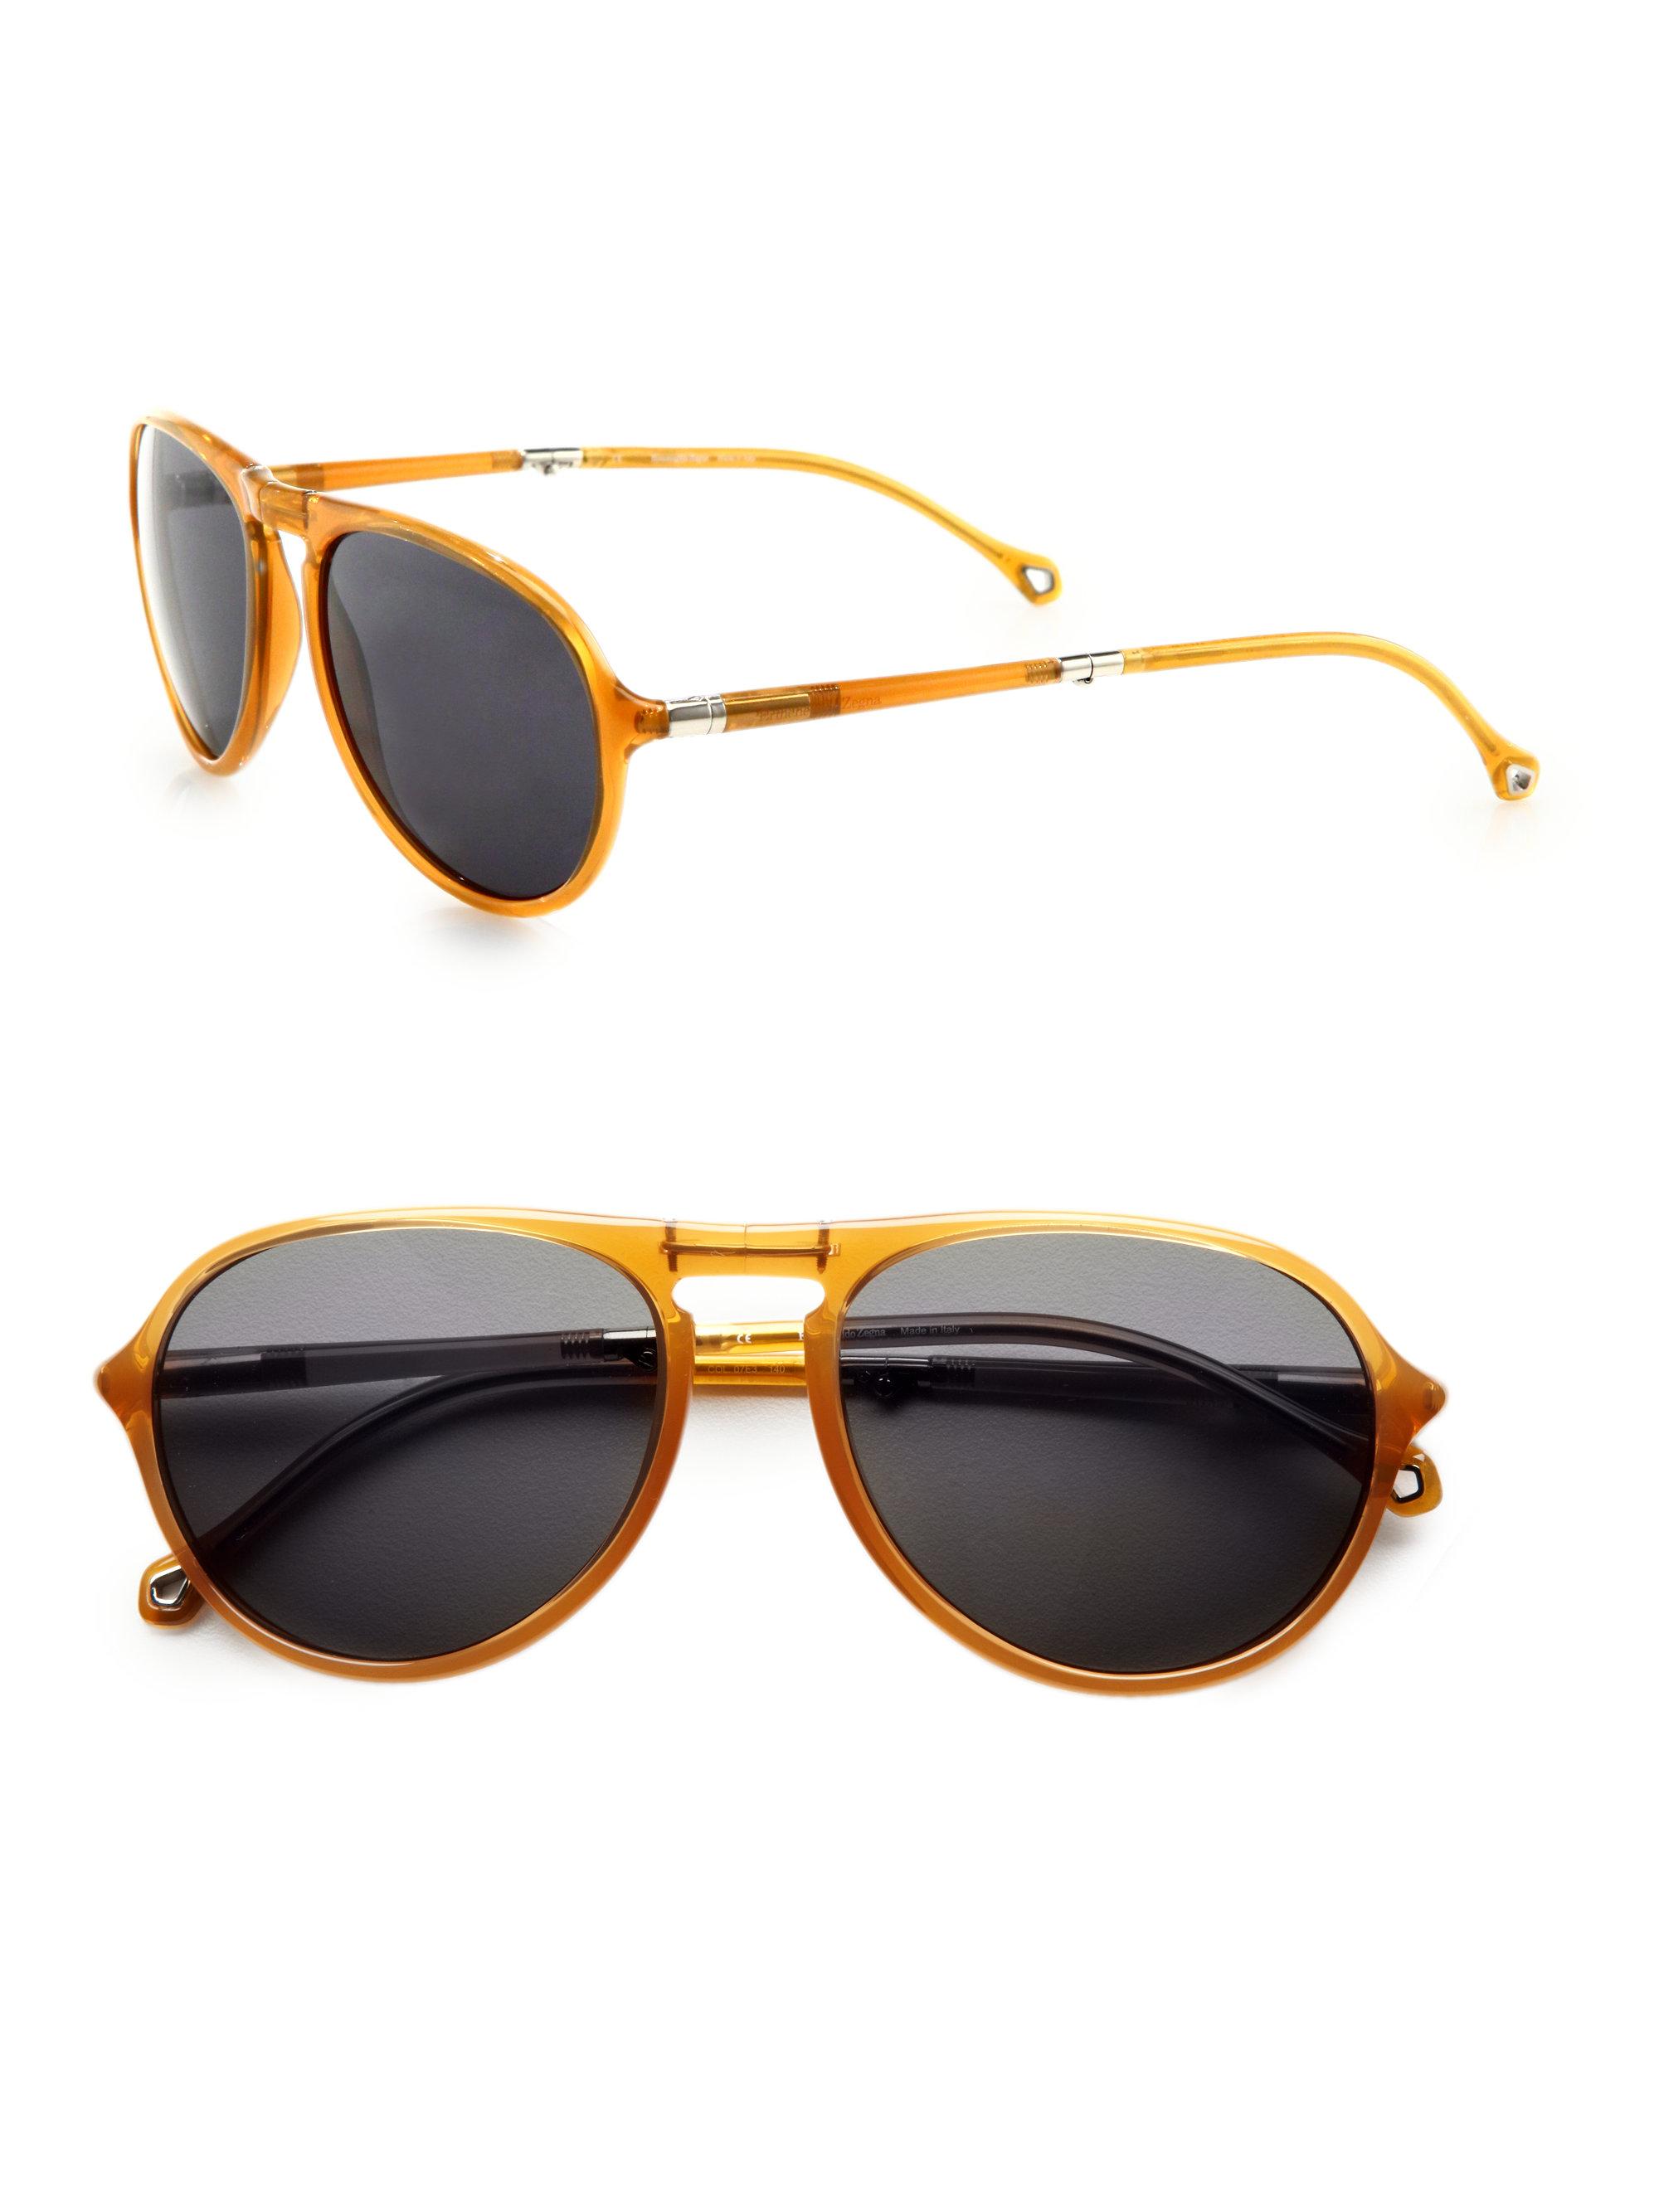 a308e709 Ermenegildo zegna sunglasses : Skinny capris